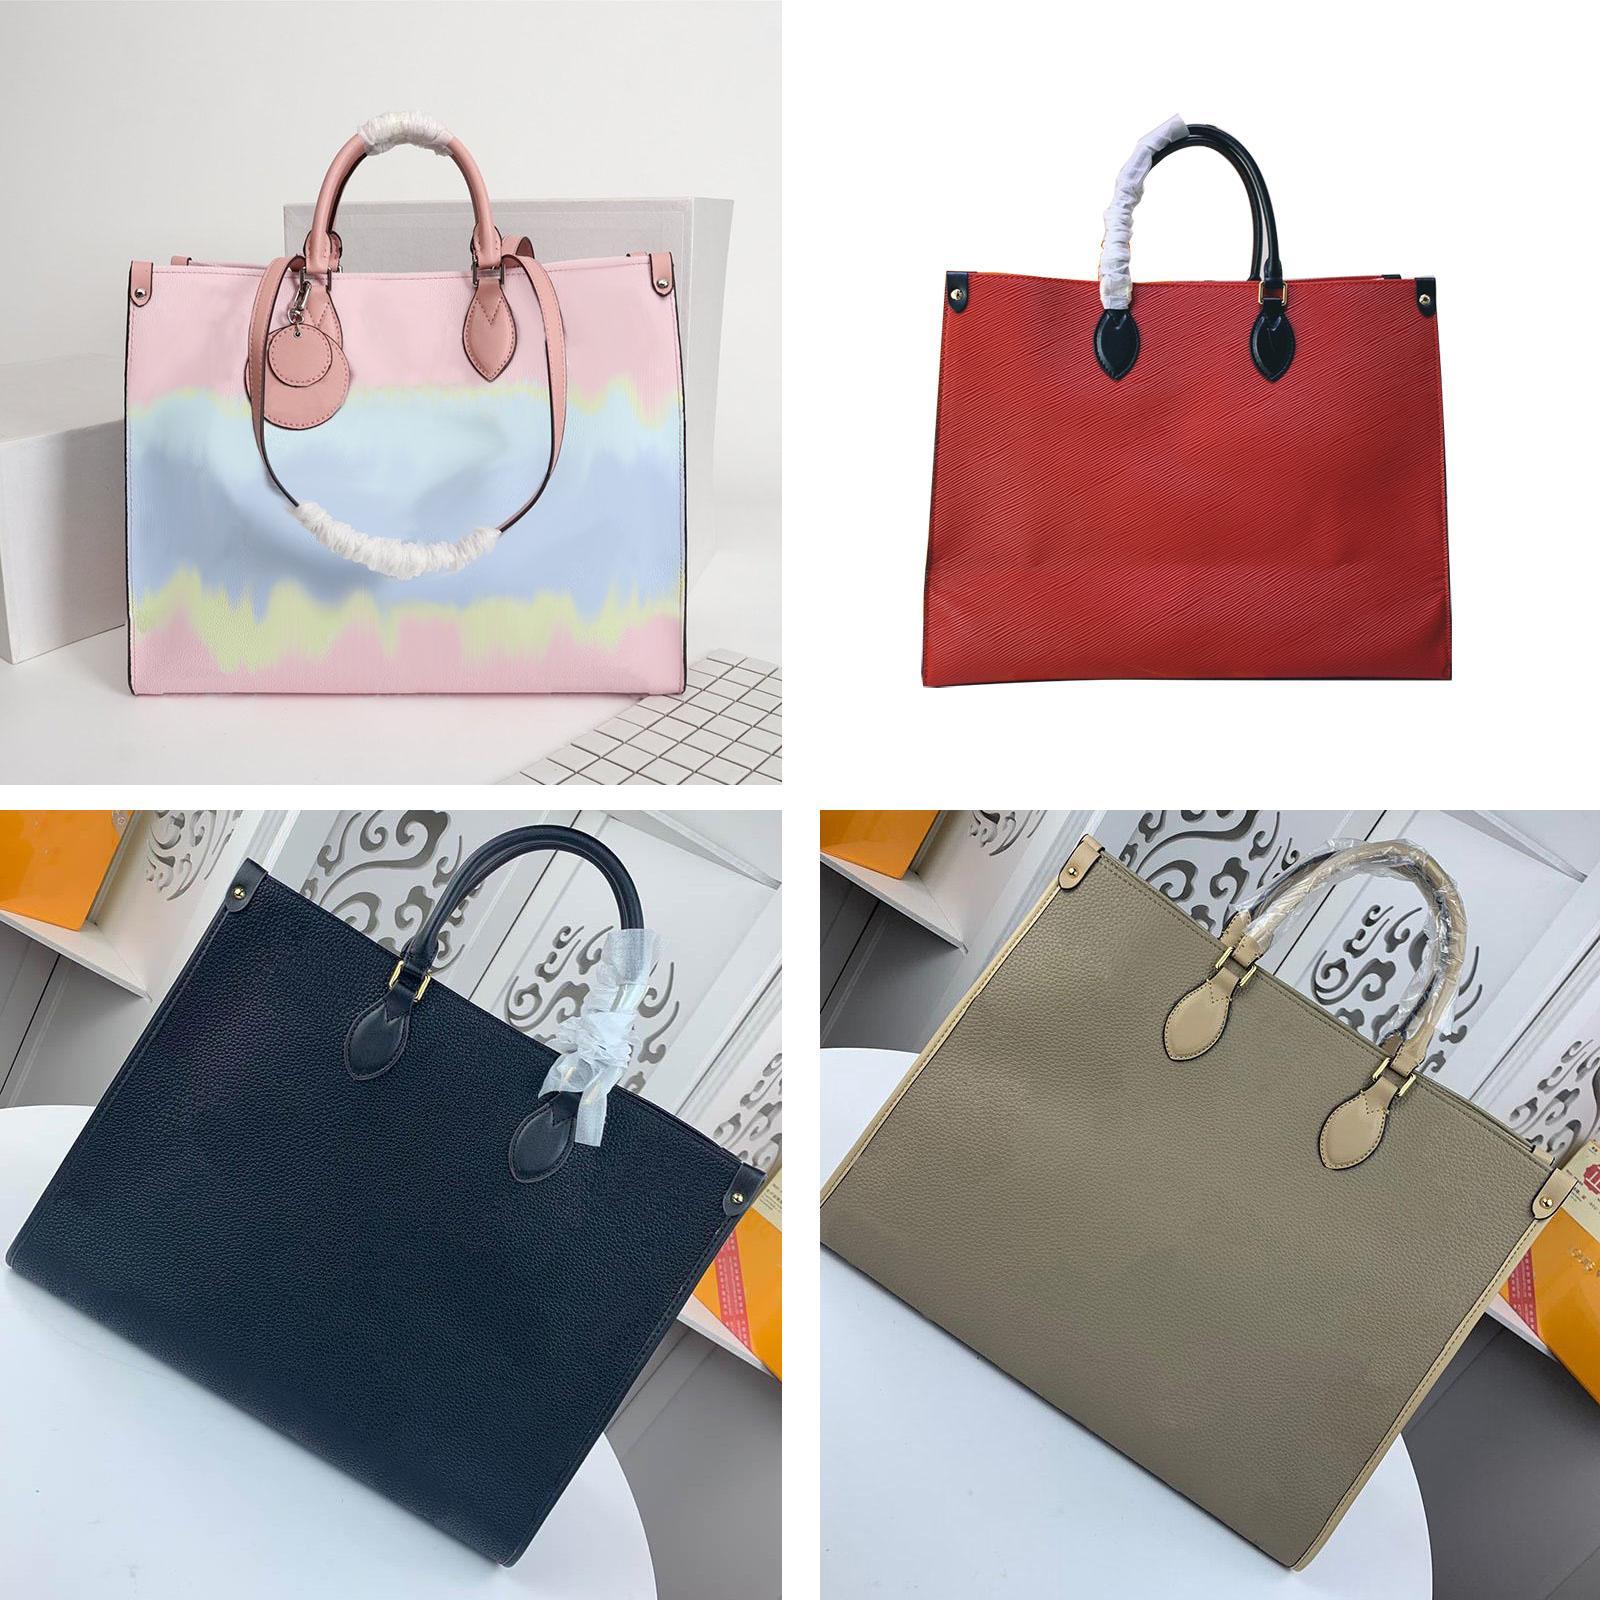 Дизайнер сумки сумка кошелек OnTheGo из натуральной кожи Escale холста волна кожи сумки Женских сумок Lady кошелек Crossbody сумки